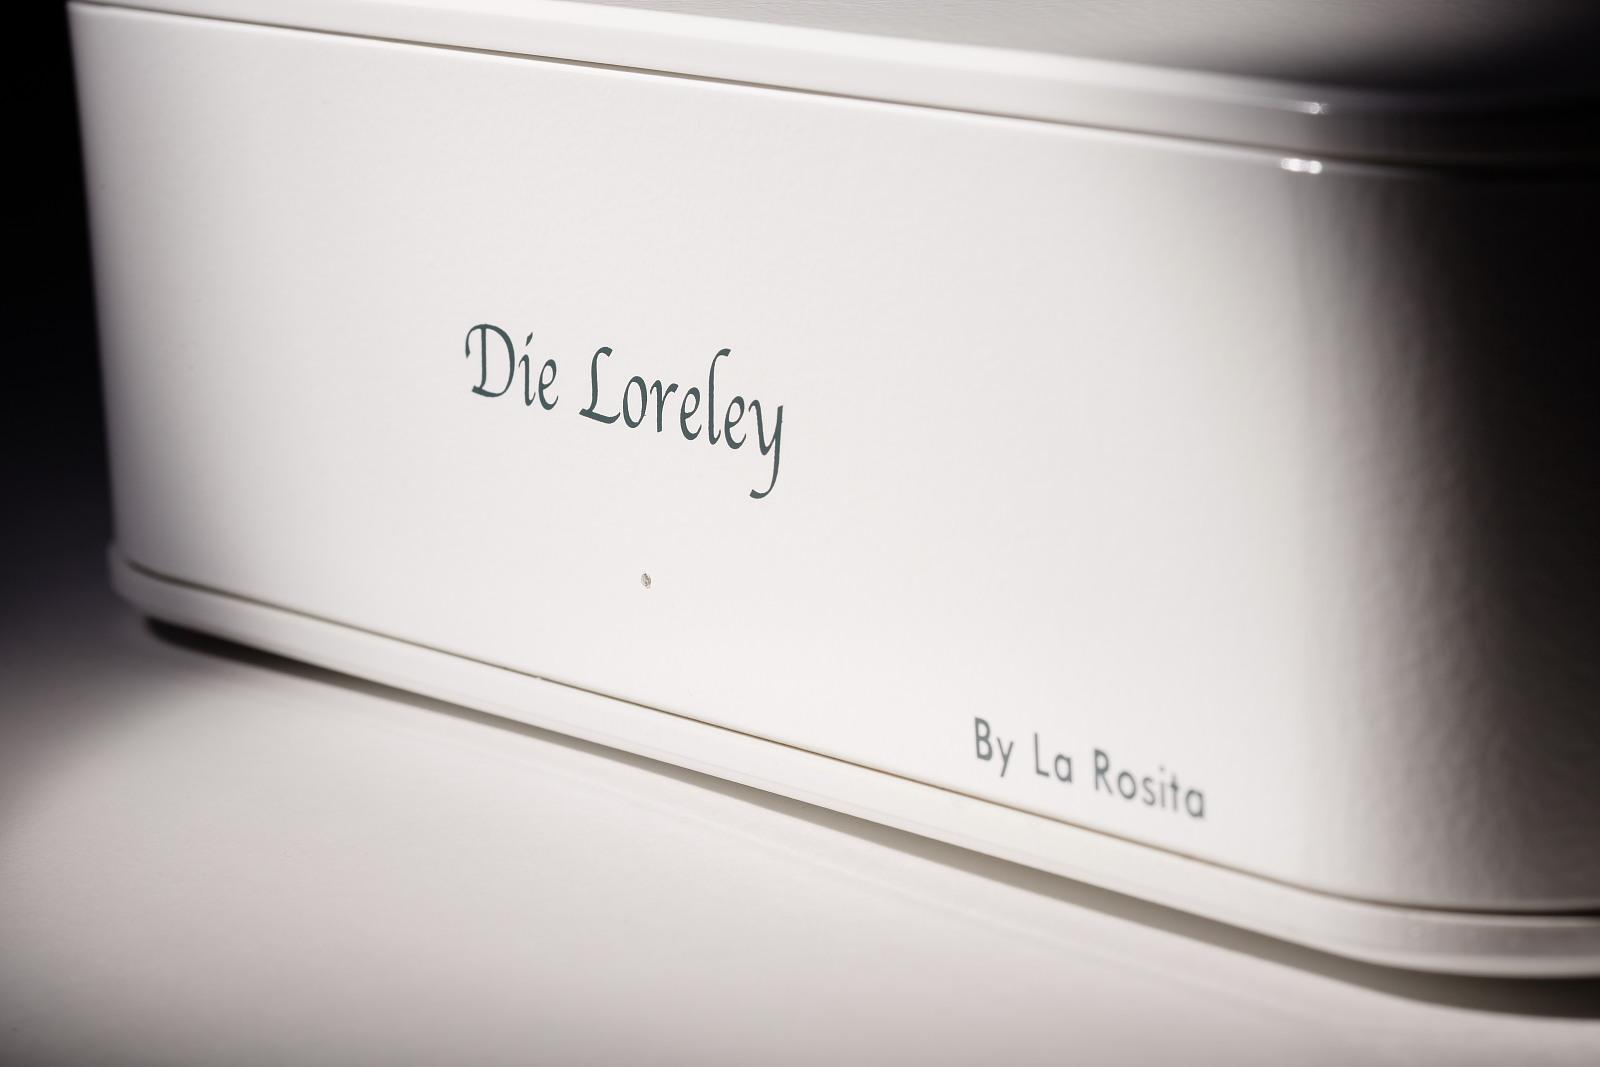 La Rosita Die Loreley - 11 1600px